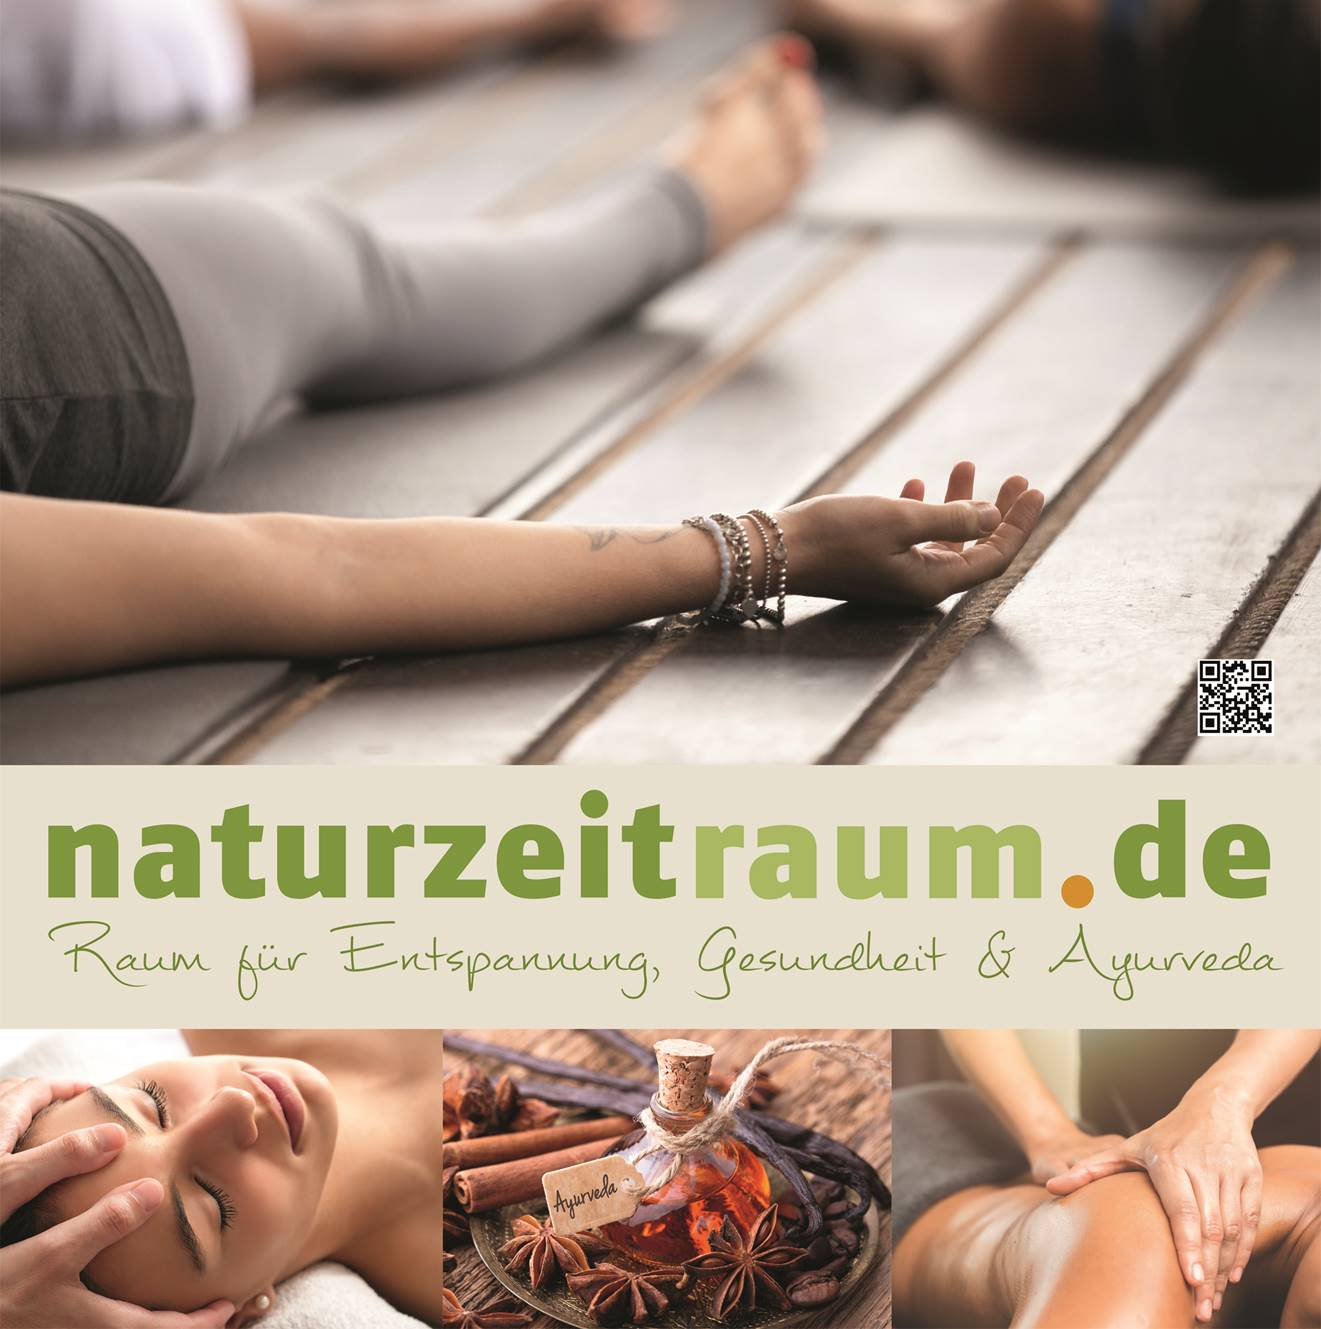 Kräuter Stempel Massage Ayurveda